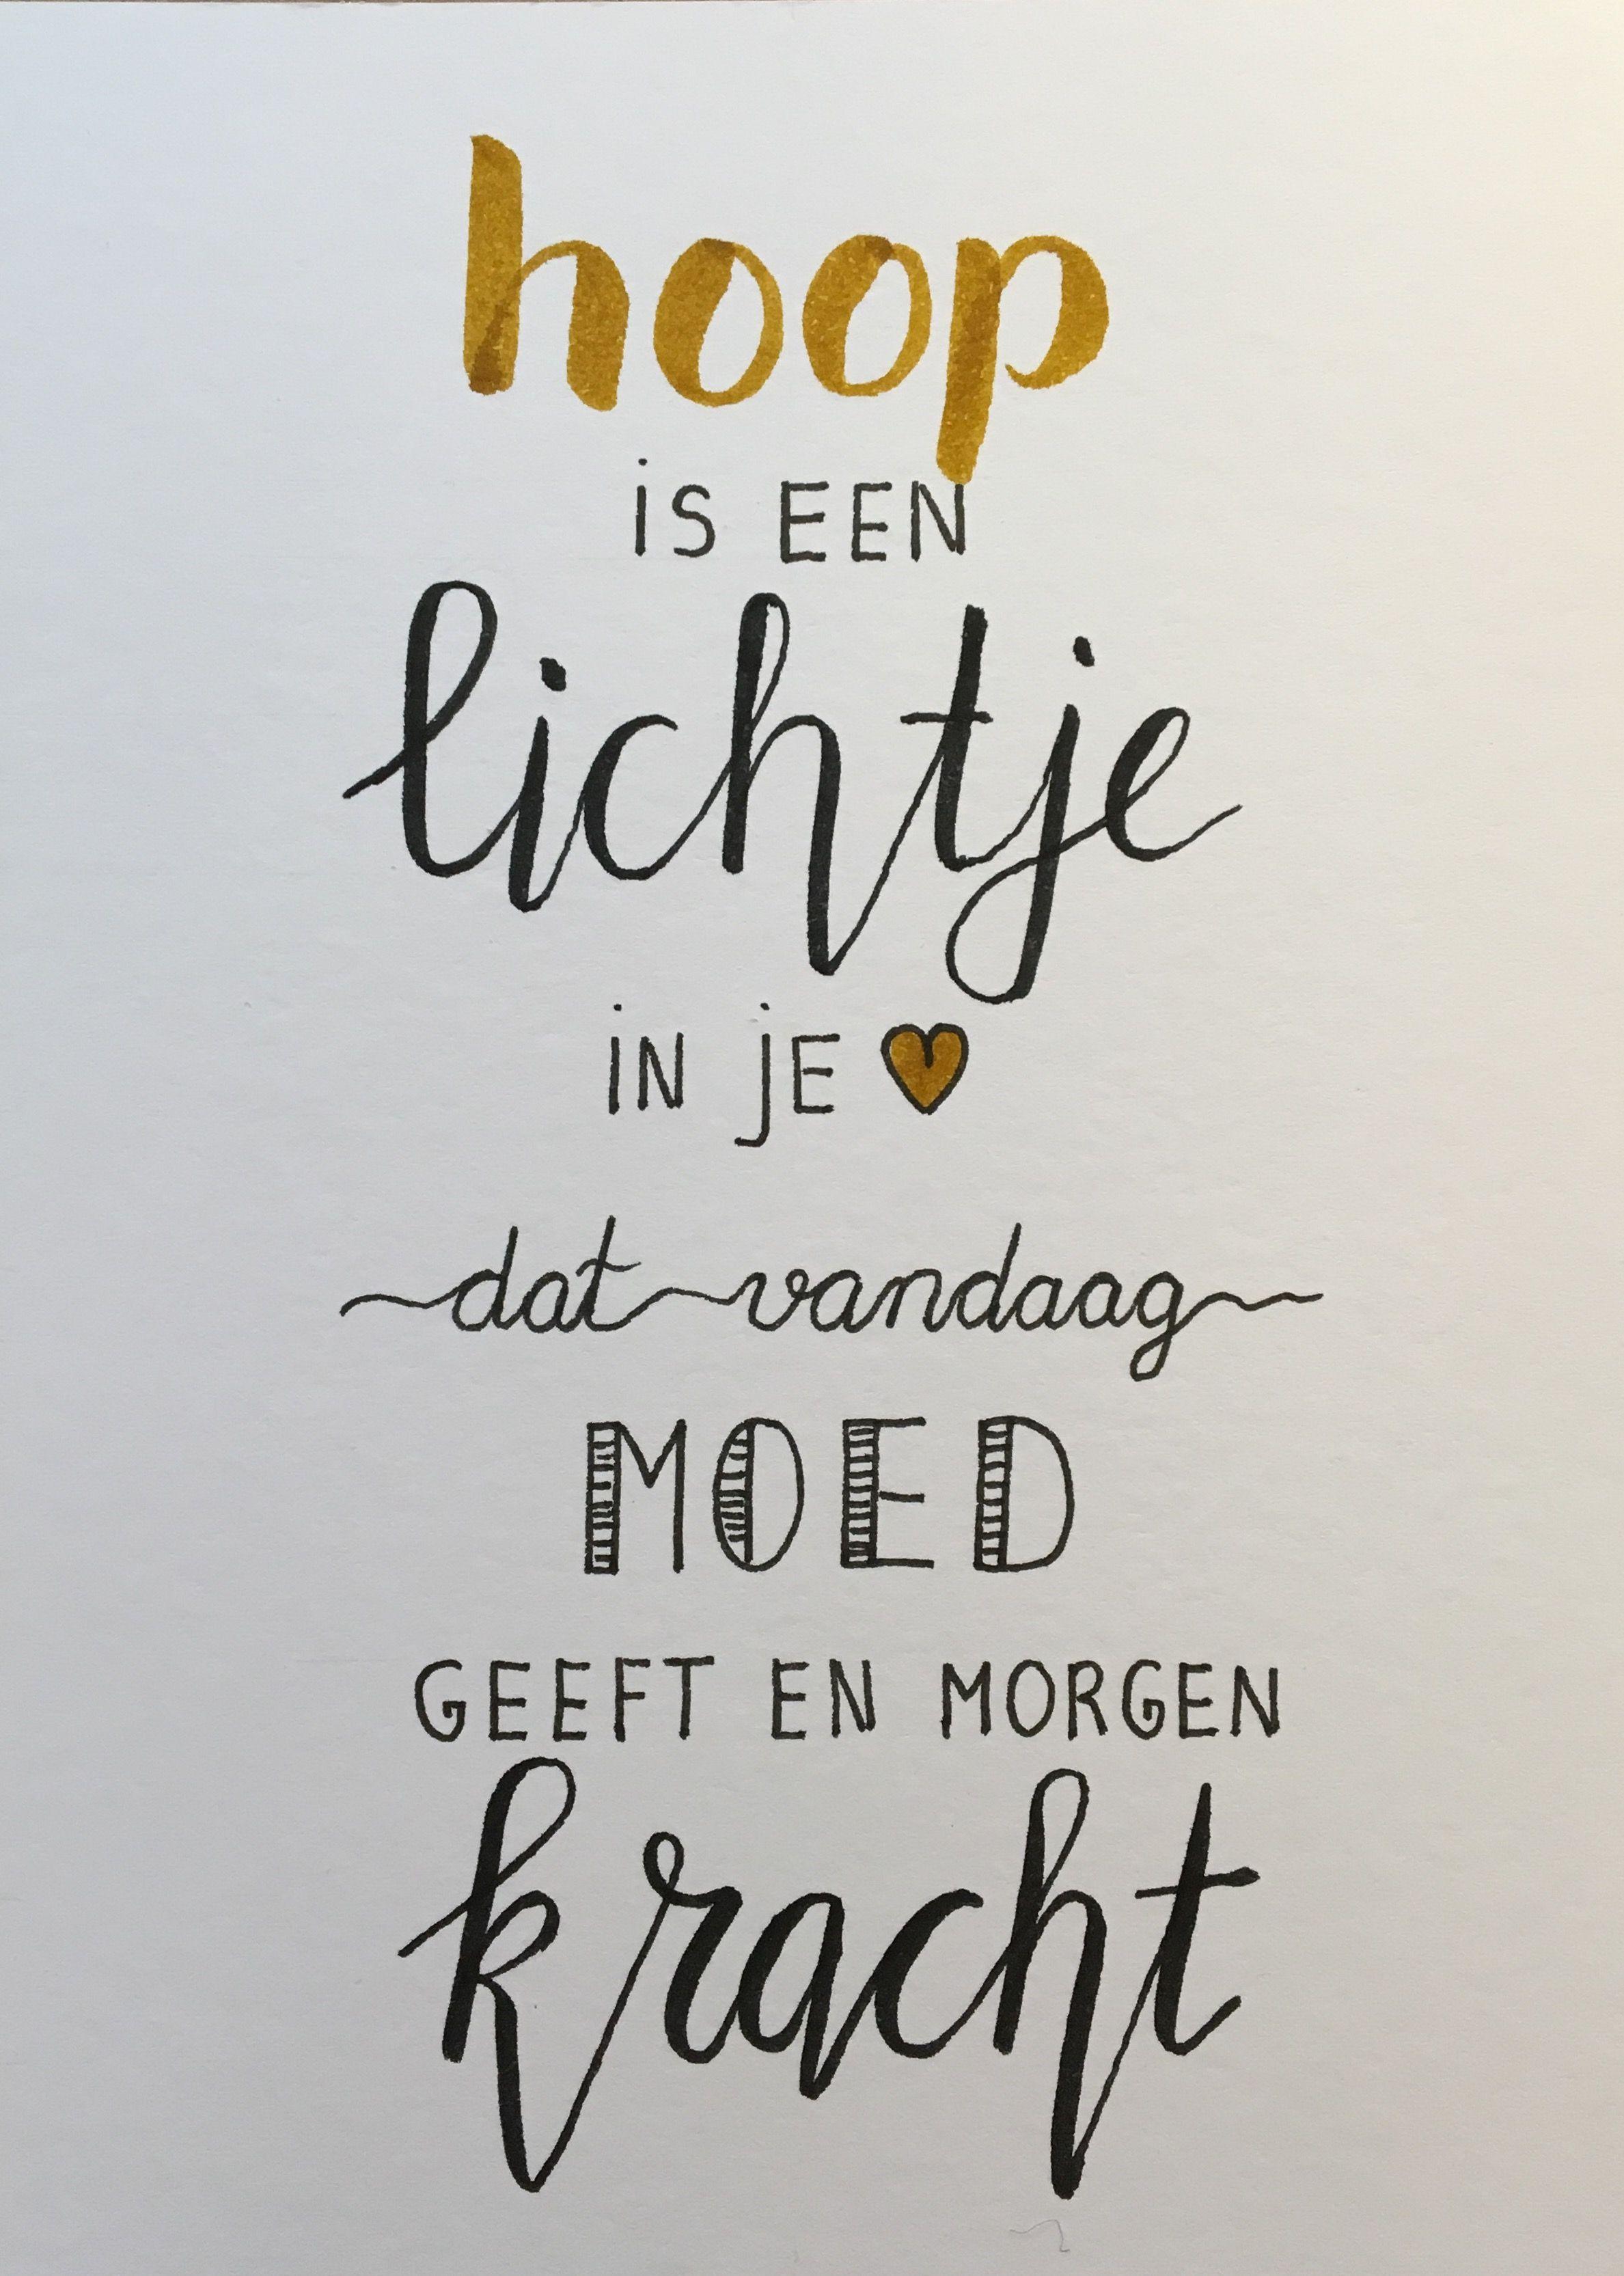 Citaten Voor Hoop : Handlettering hoop is een lichtje in je hart dat vandaag